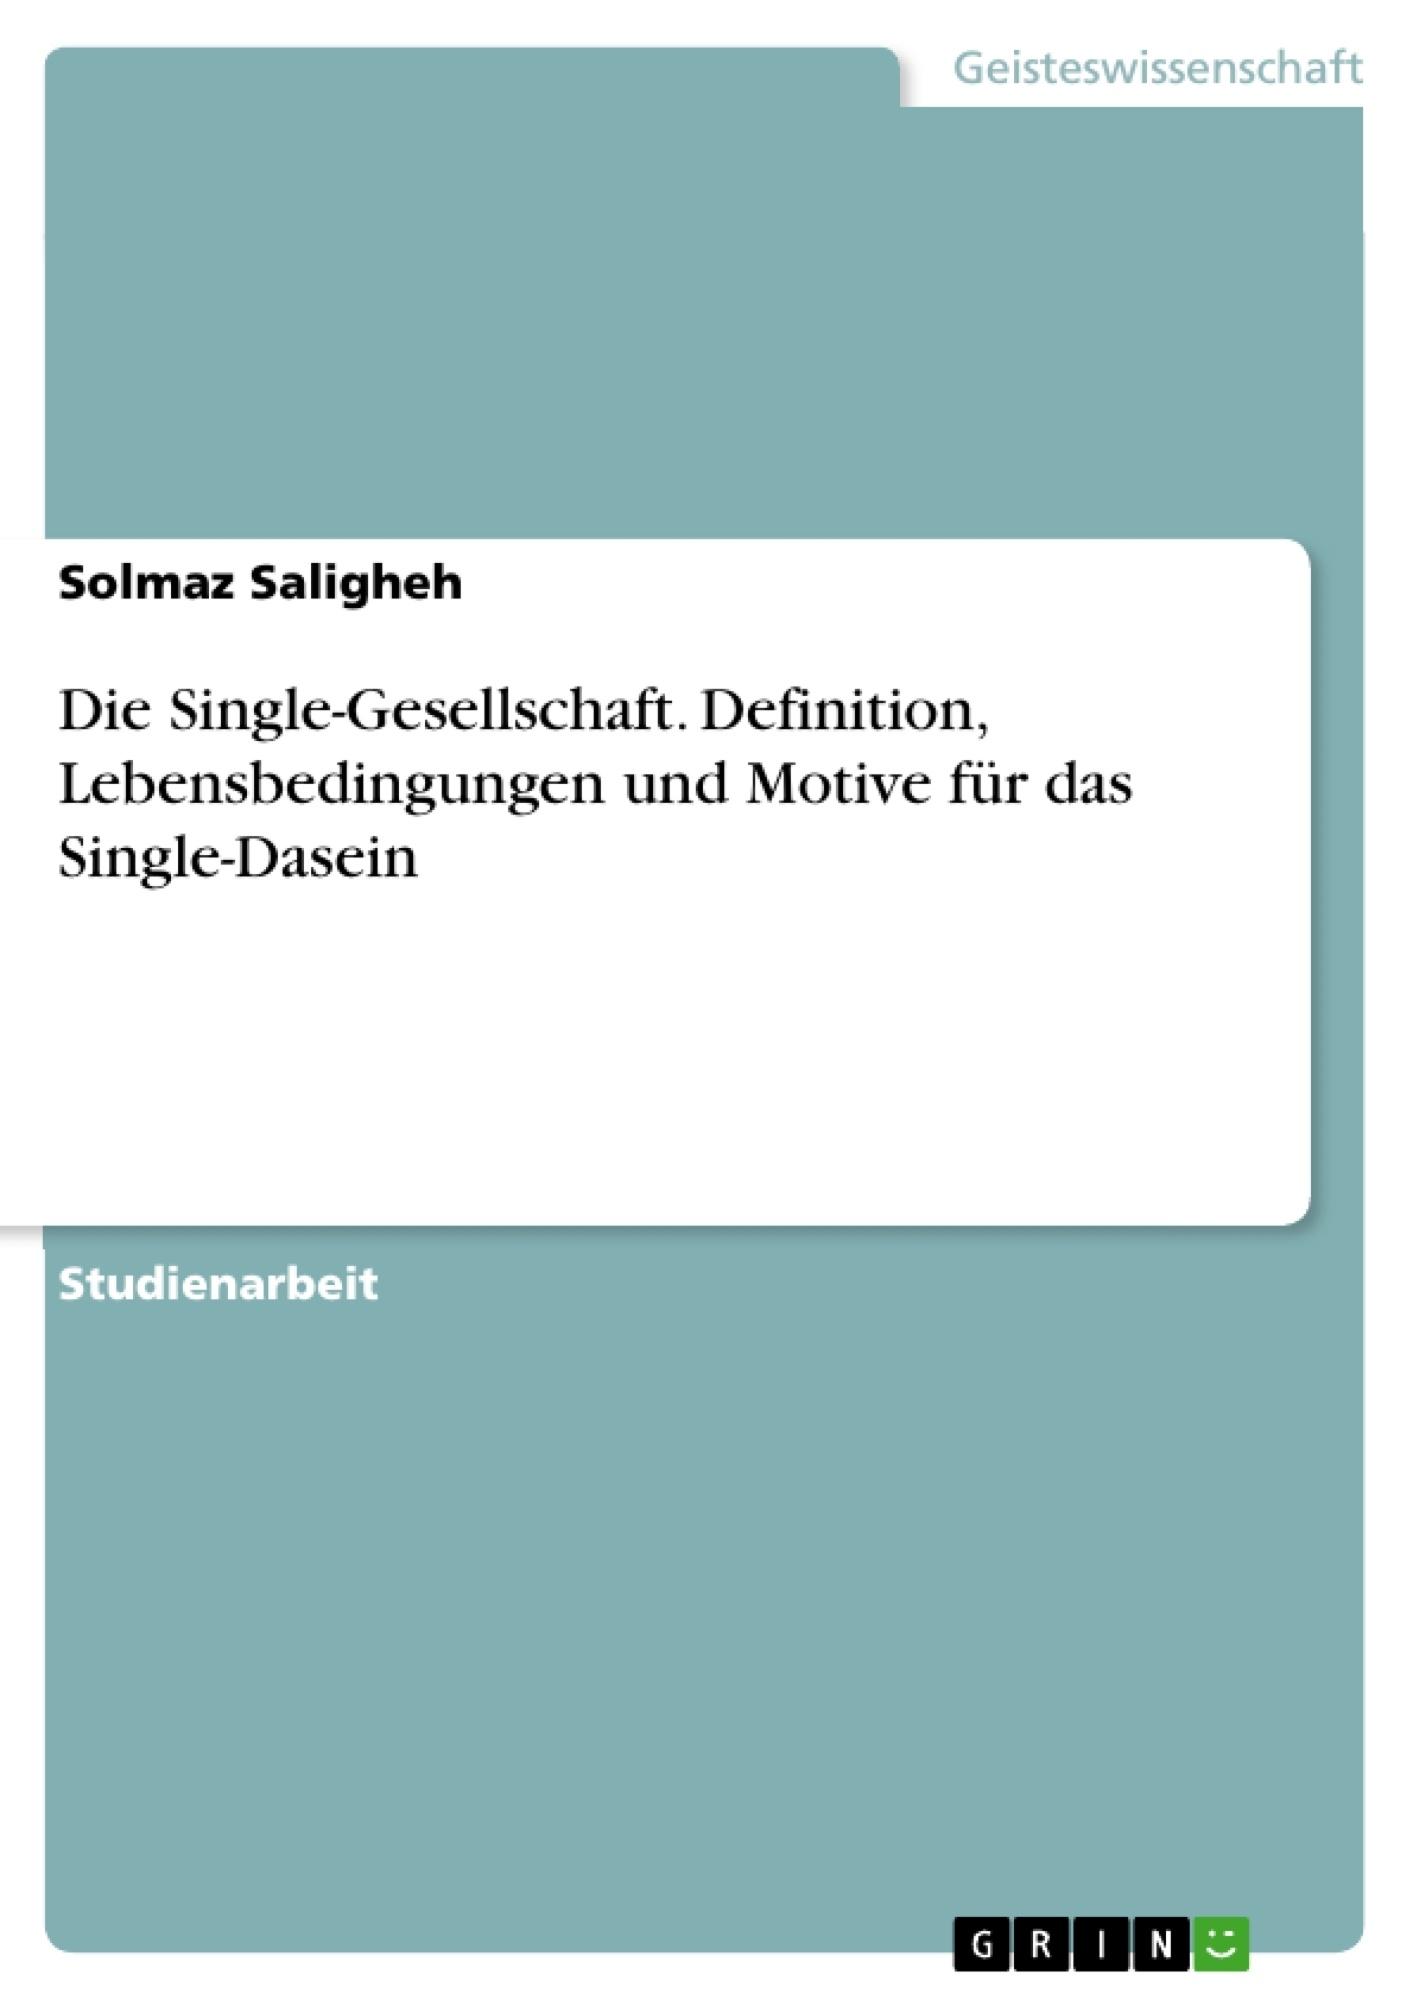 Titel: Die Single-Gesellschaft. Definition, Lebensbedingungen und Motive für das Single-Dasein